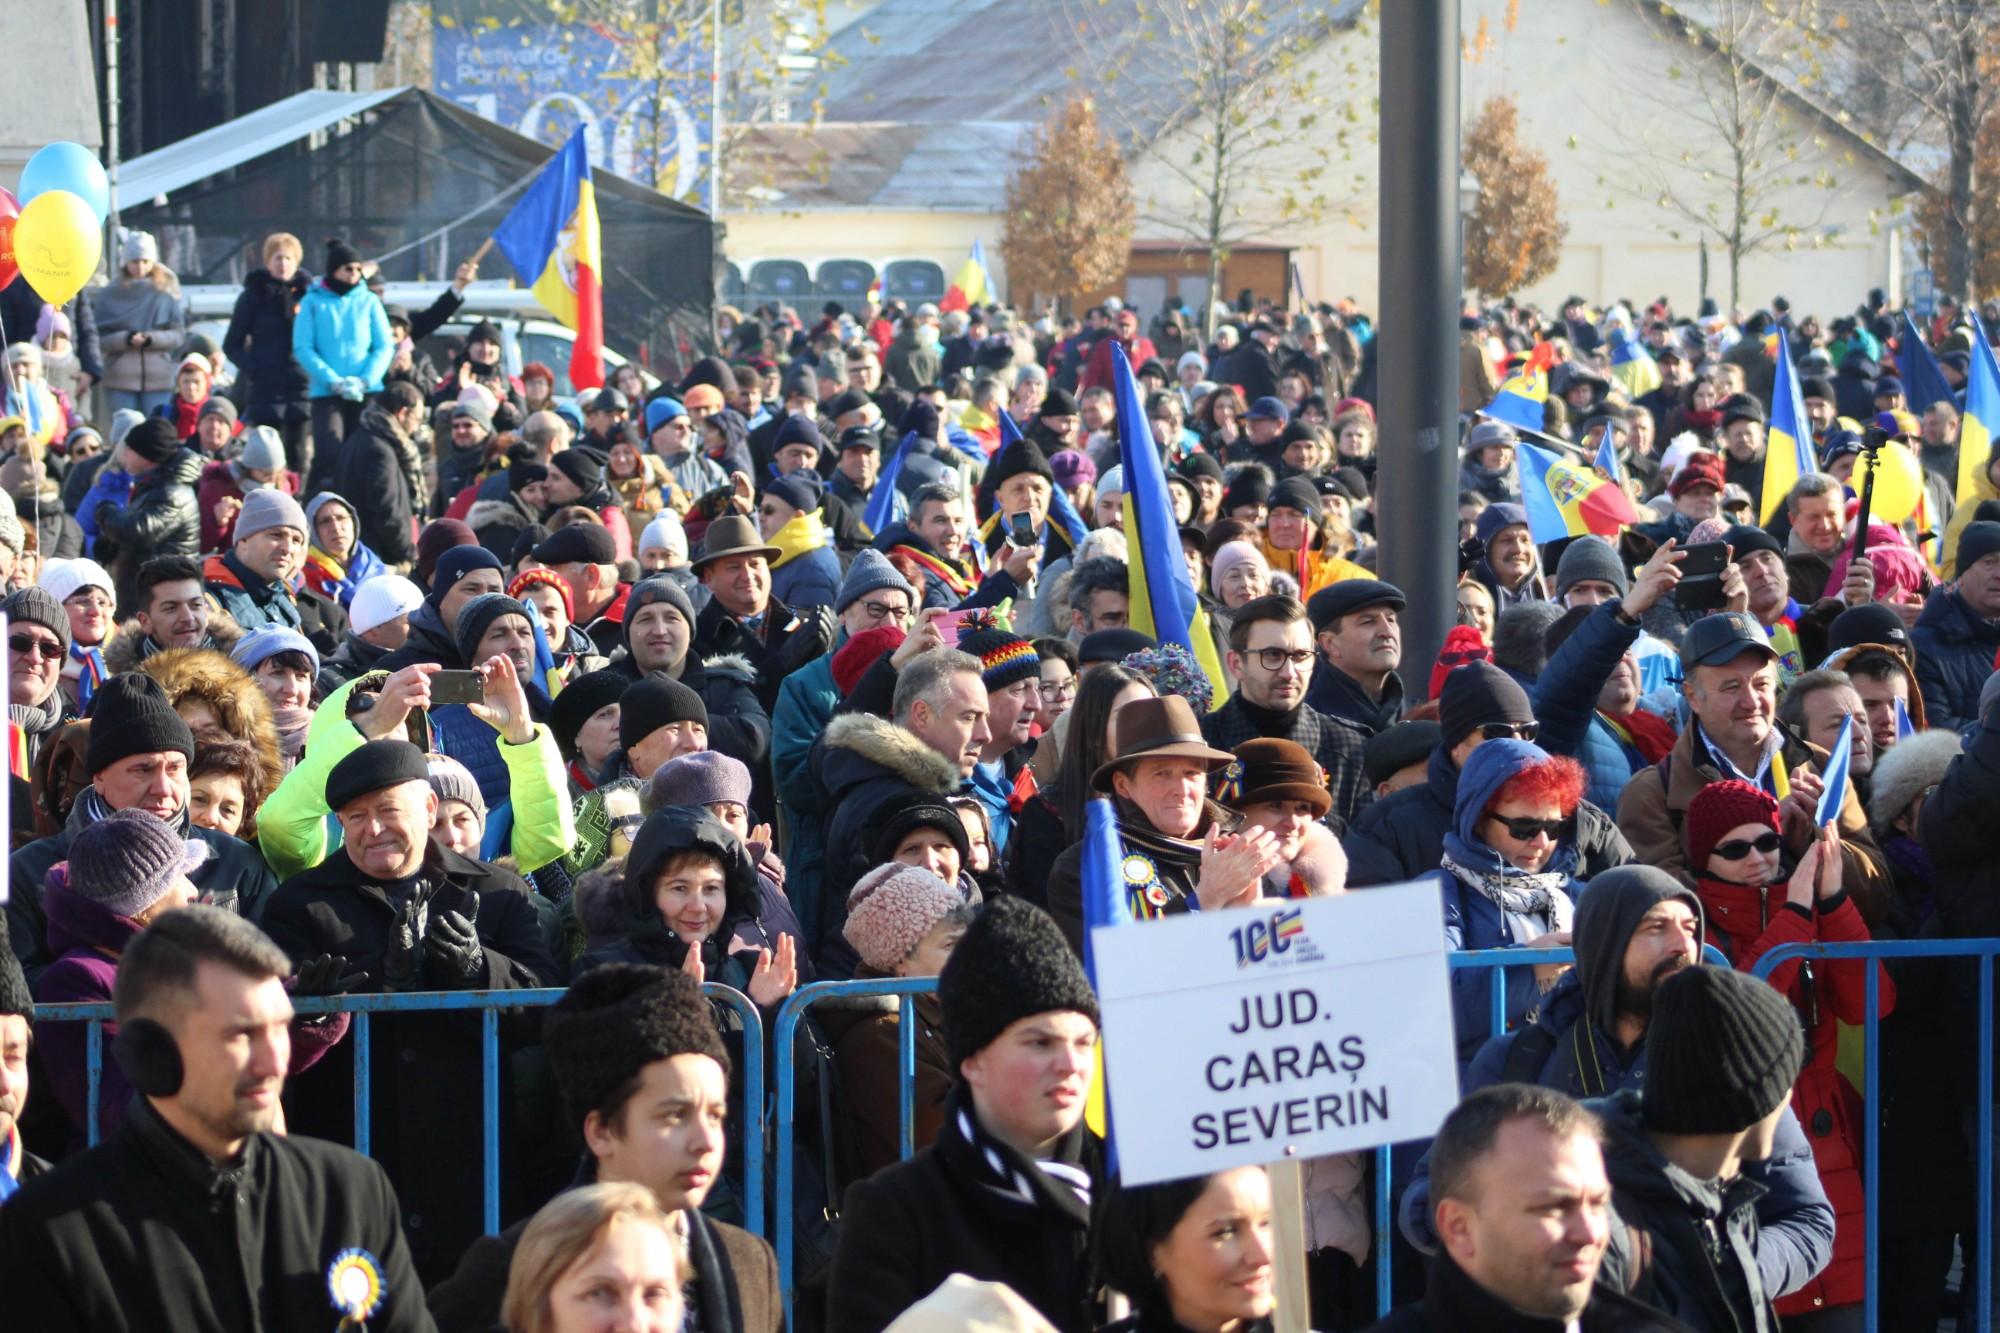 Mulțimea de oameni a asistat curioasă la ceremonial, aplaudând fiecare moment în parte